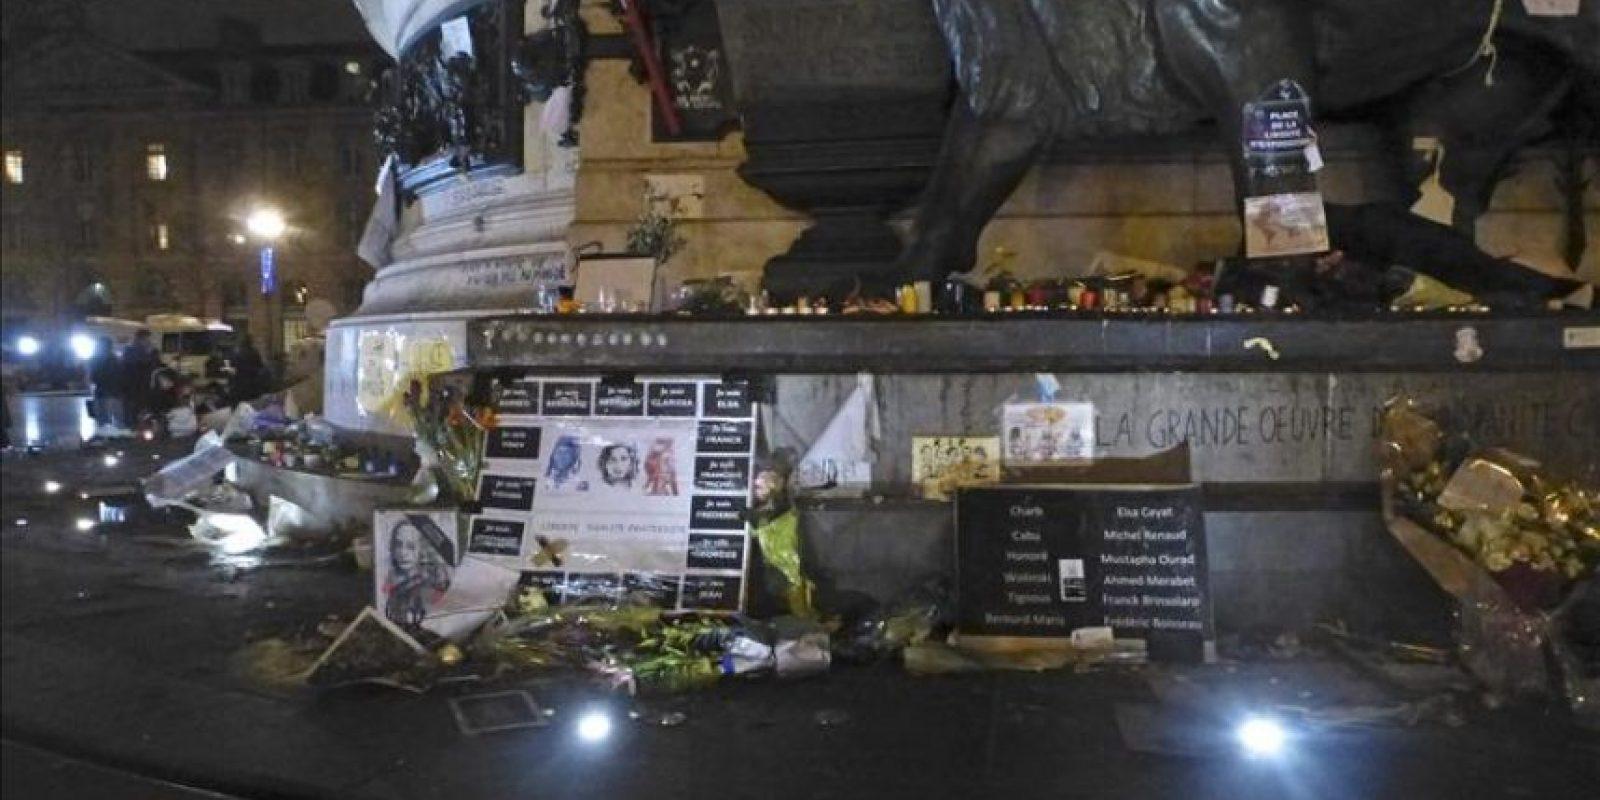 Imagen tomada anoche en la Plaza de la República de París, en el que se puede apreciar el retrato de Voltaire con una banda negra en señal de luto, junto un cartel con los nombres de las 17 víctimas de los atentados que la semana pasada conmocionaron Francia. EFE